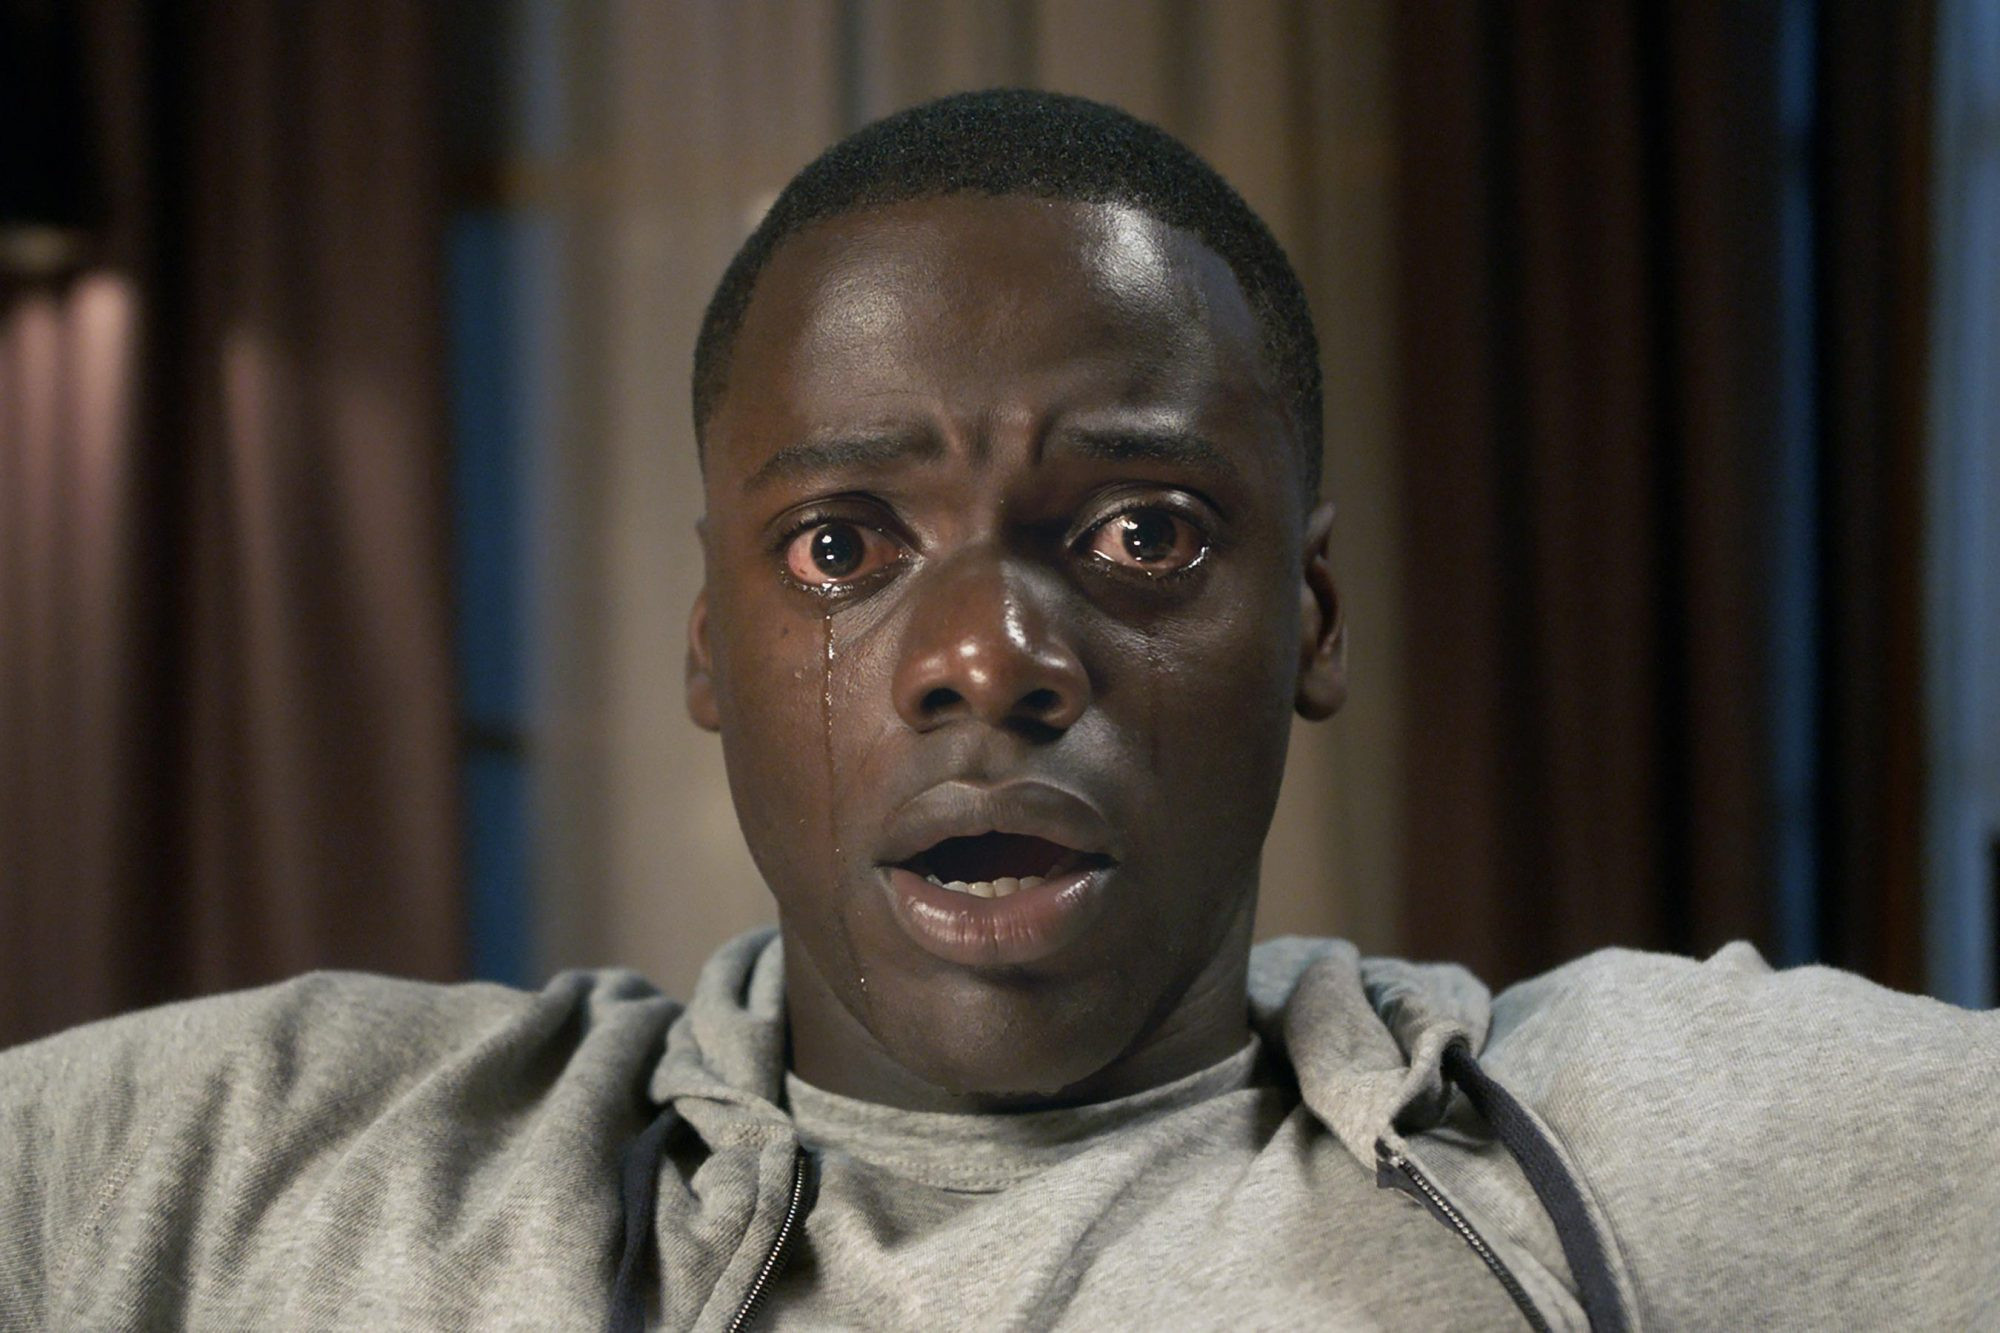 Get Out (2017)DANIEL KALUUYA as Chris Washington